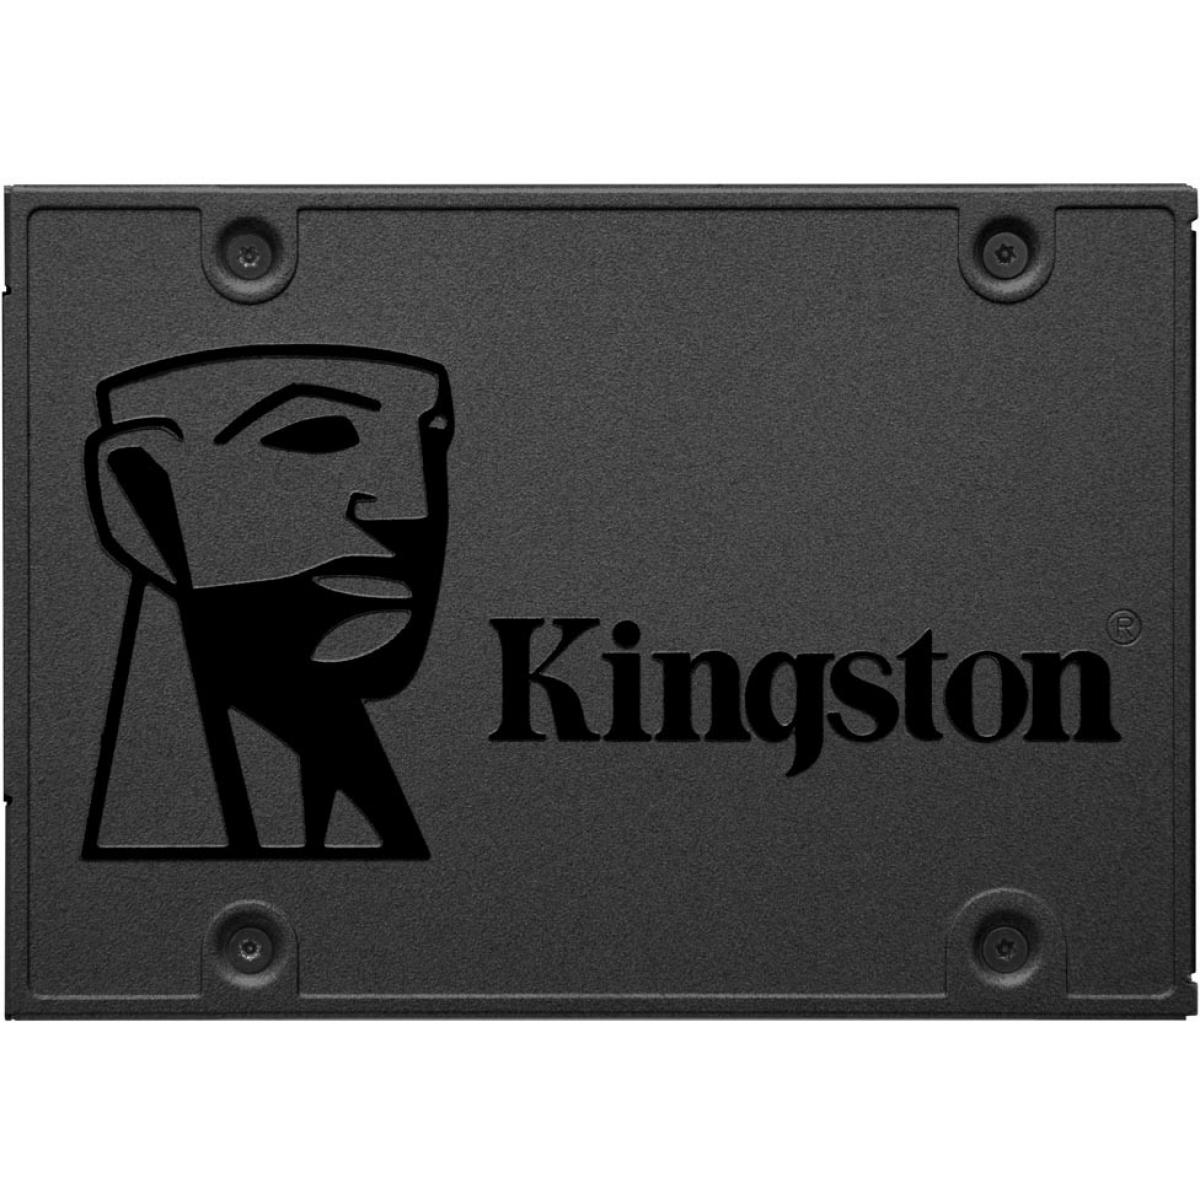 SSD Kingston A400, 960GB, Sata III, Leitura 500MBs e Gravação 450MBs, SA400S37/960G